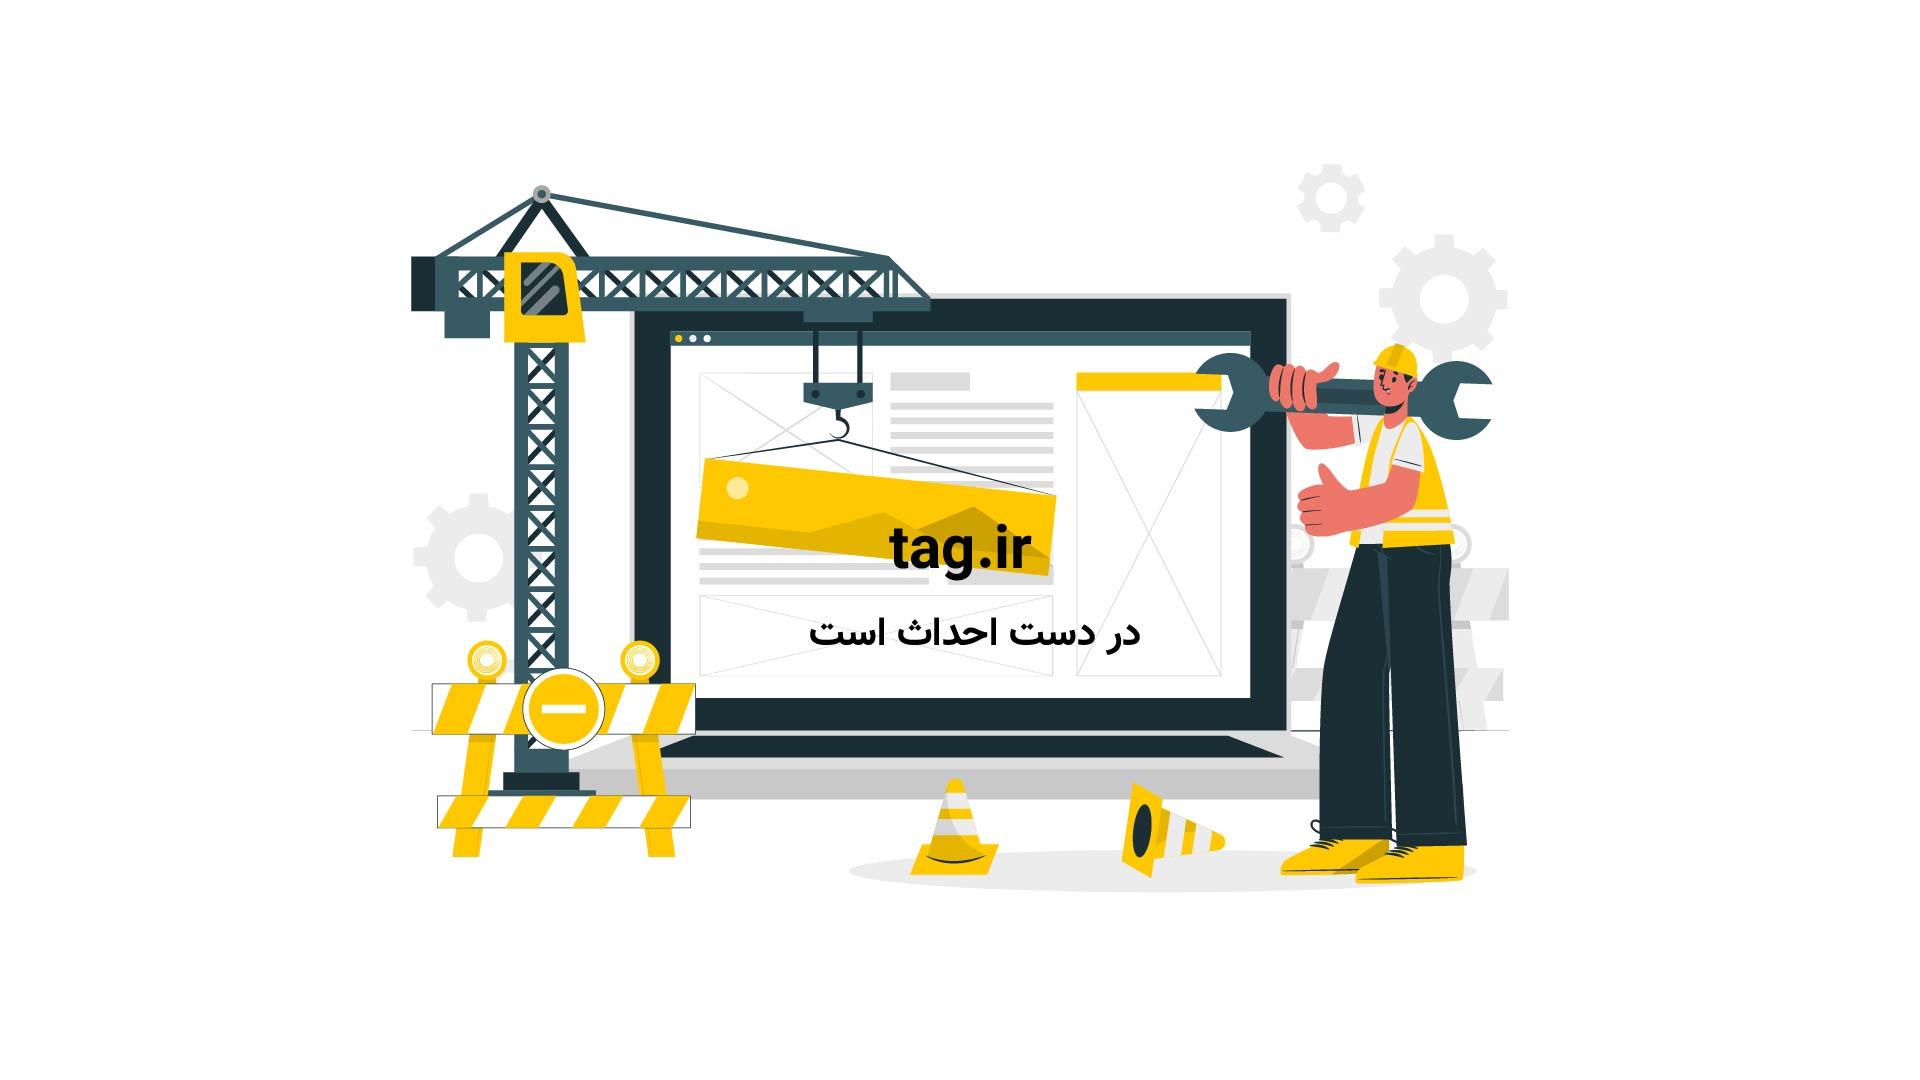 حمل پره های یک توربین بادی عظیم با کامیون از کوهی در چین   فیلم